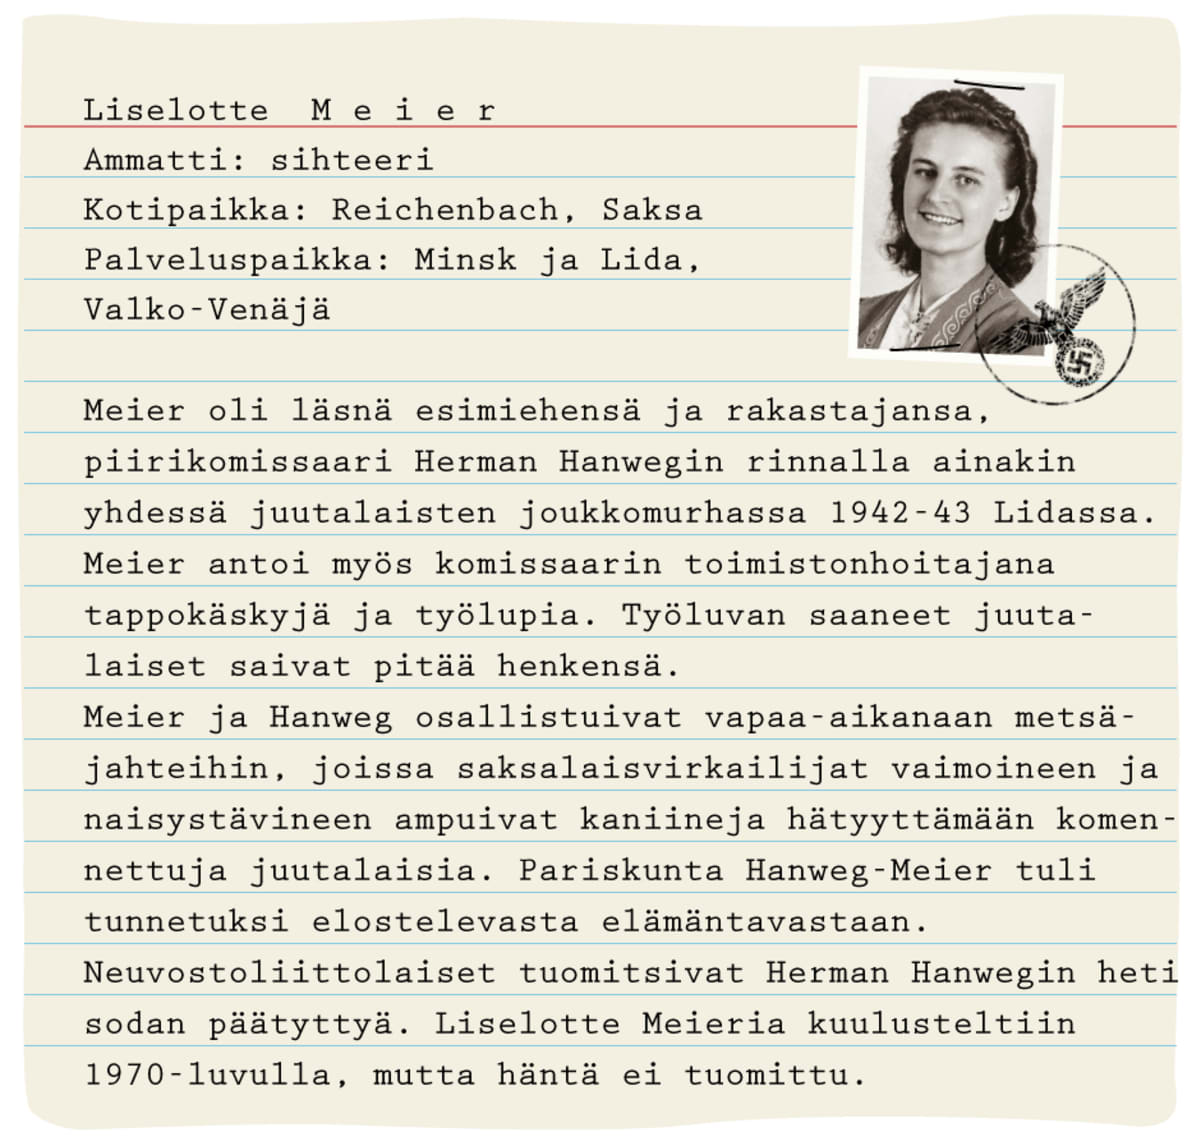 Liselotte Meier, sihteeri. Kotipaikka: Reichenbach, Saksa. Palveluspaikka: Minsk ja Lida, Valko-Venäjä.